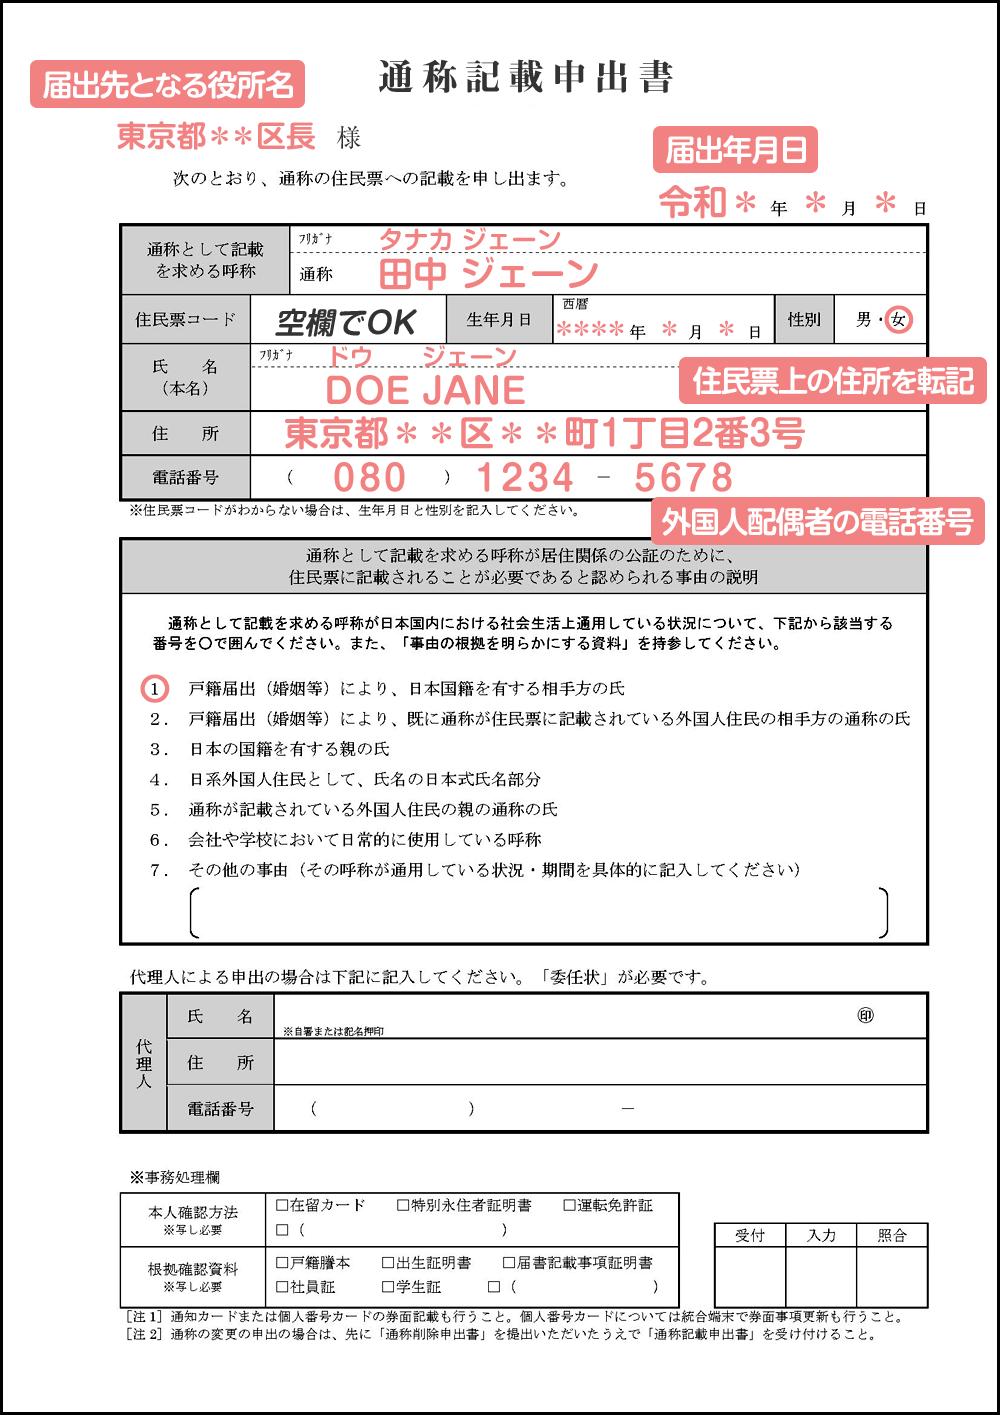 通称記載申出書の書き方・記入例